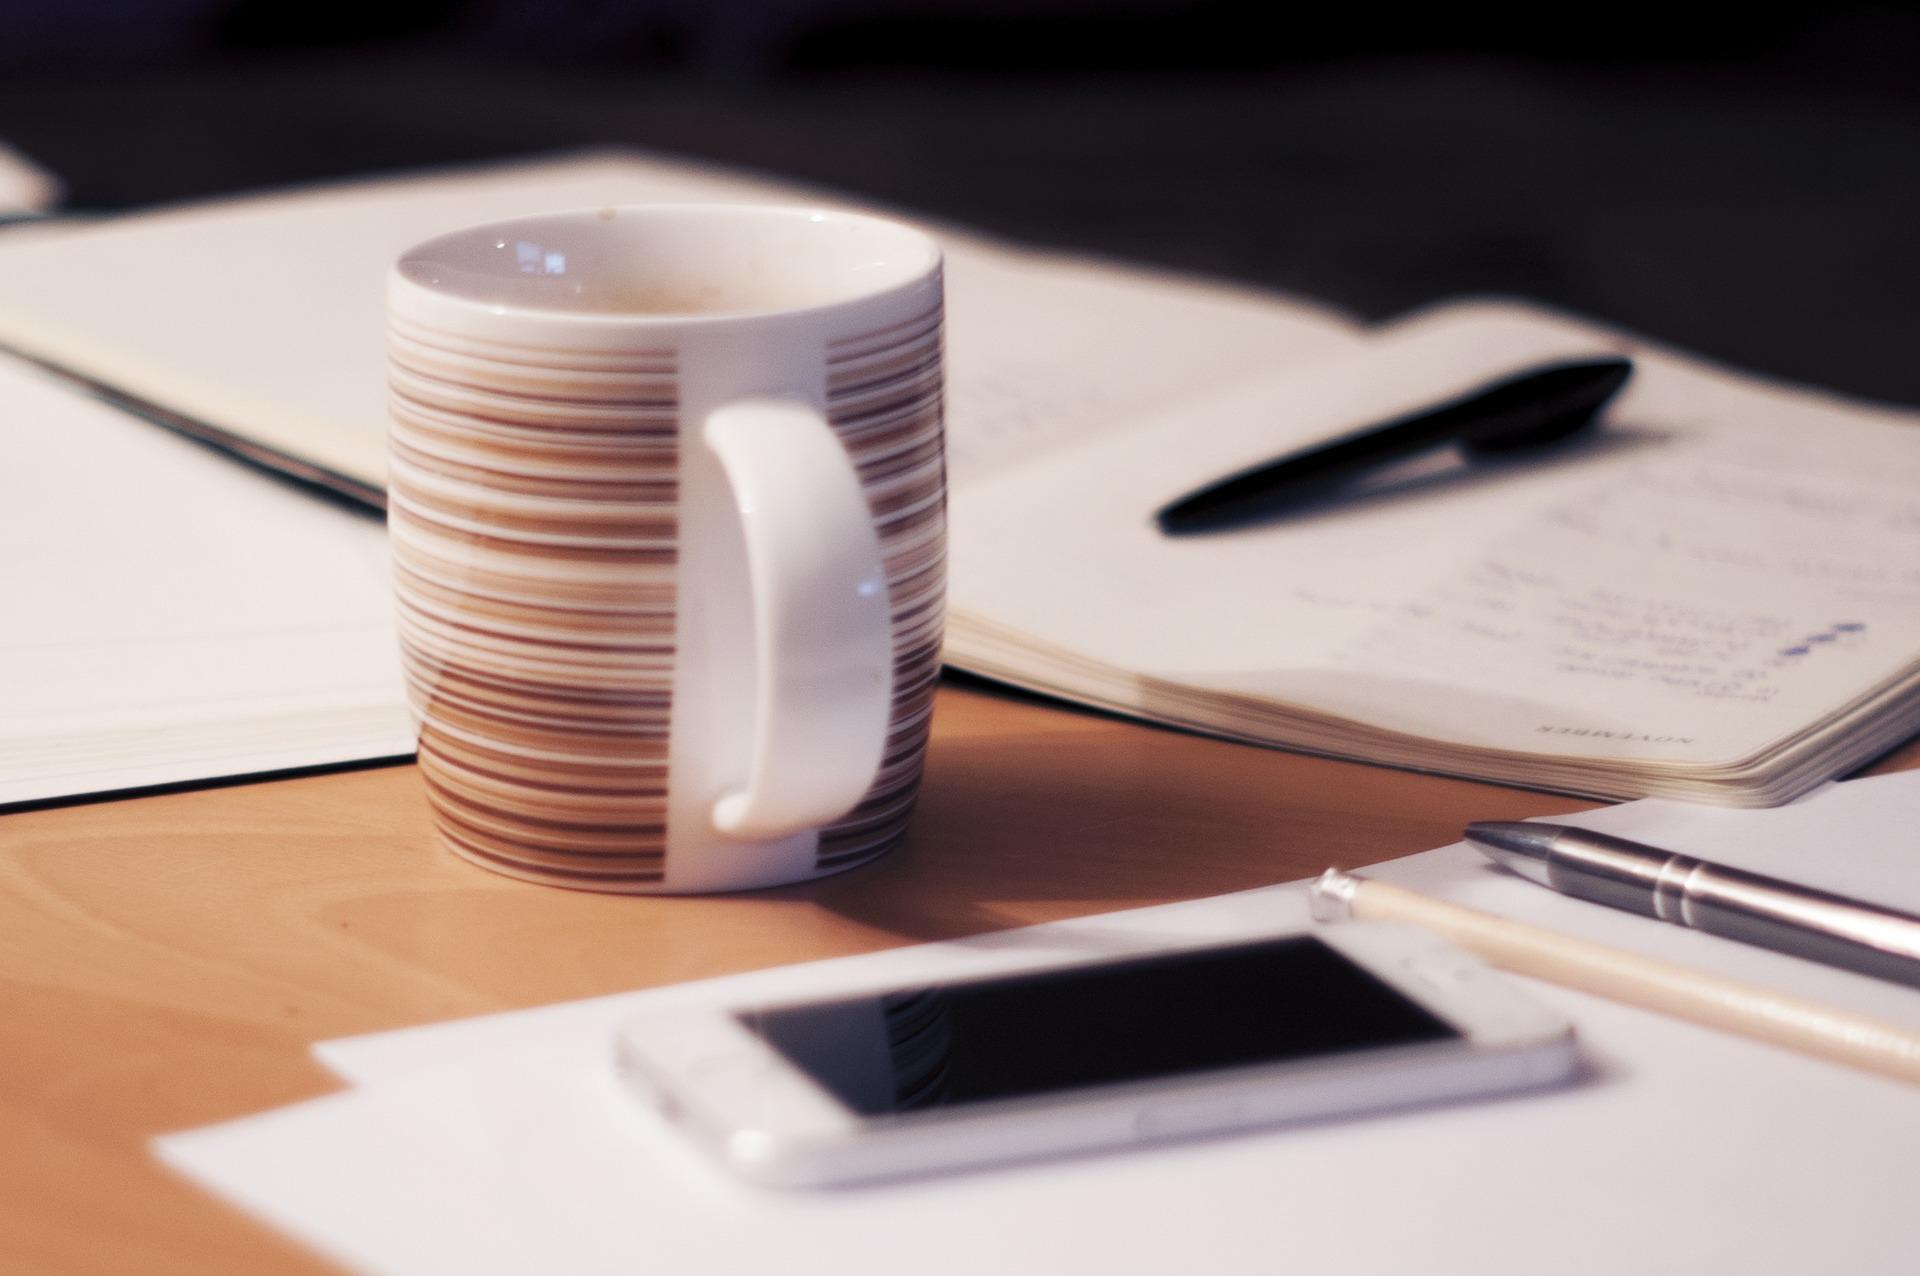 【2020年版】やっぱりアナログの手帳がいい方へ!ビジネスで使えるおすすめの手帳&便利小物を紹介